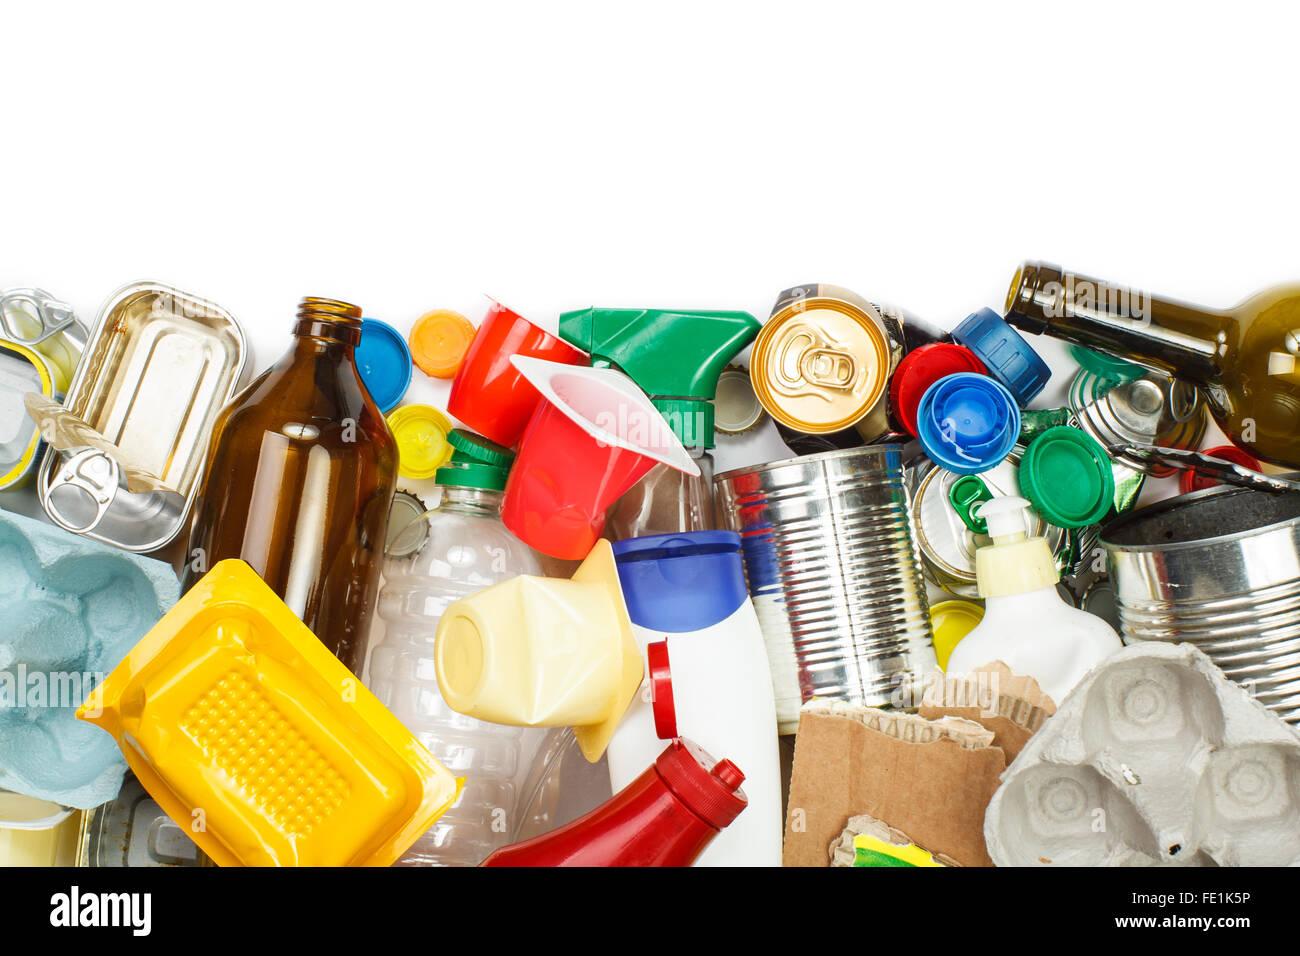 Eine Auswahl von Abfall zur Verwertung. Metall, Kunststoff, Papier und Glas getrennt. Leeren Raum für text Stockfoto